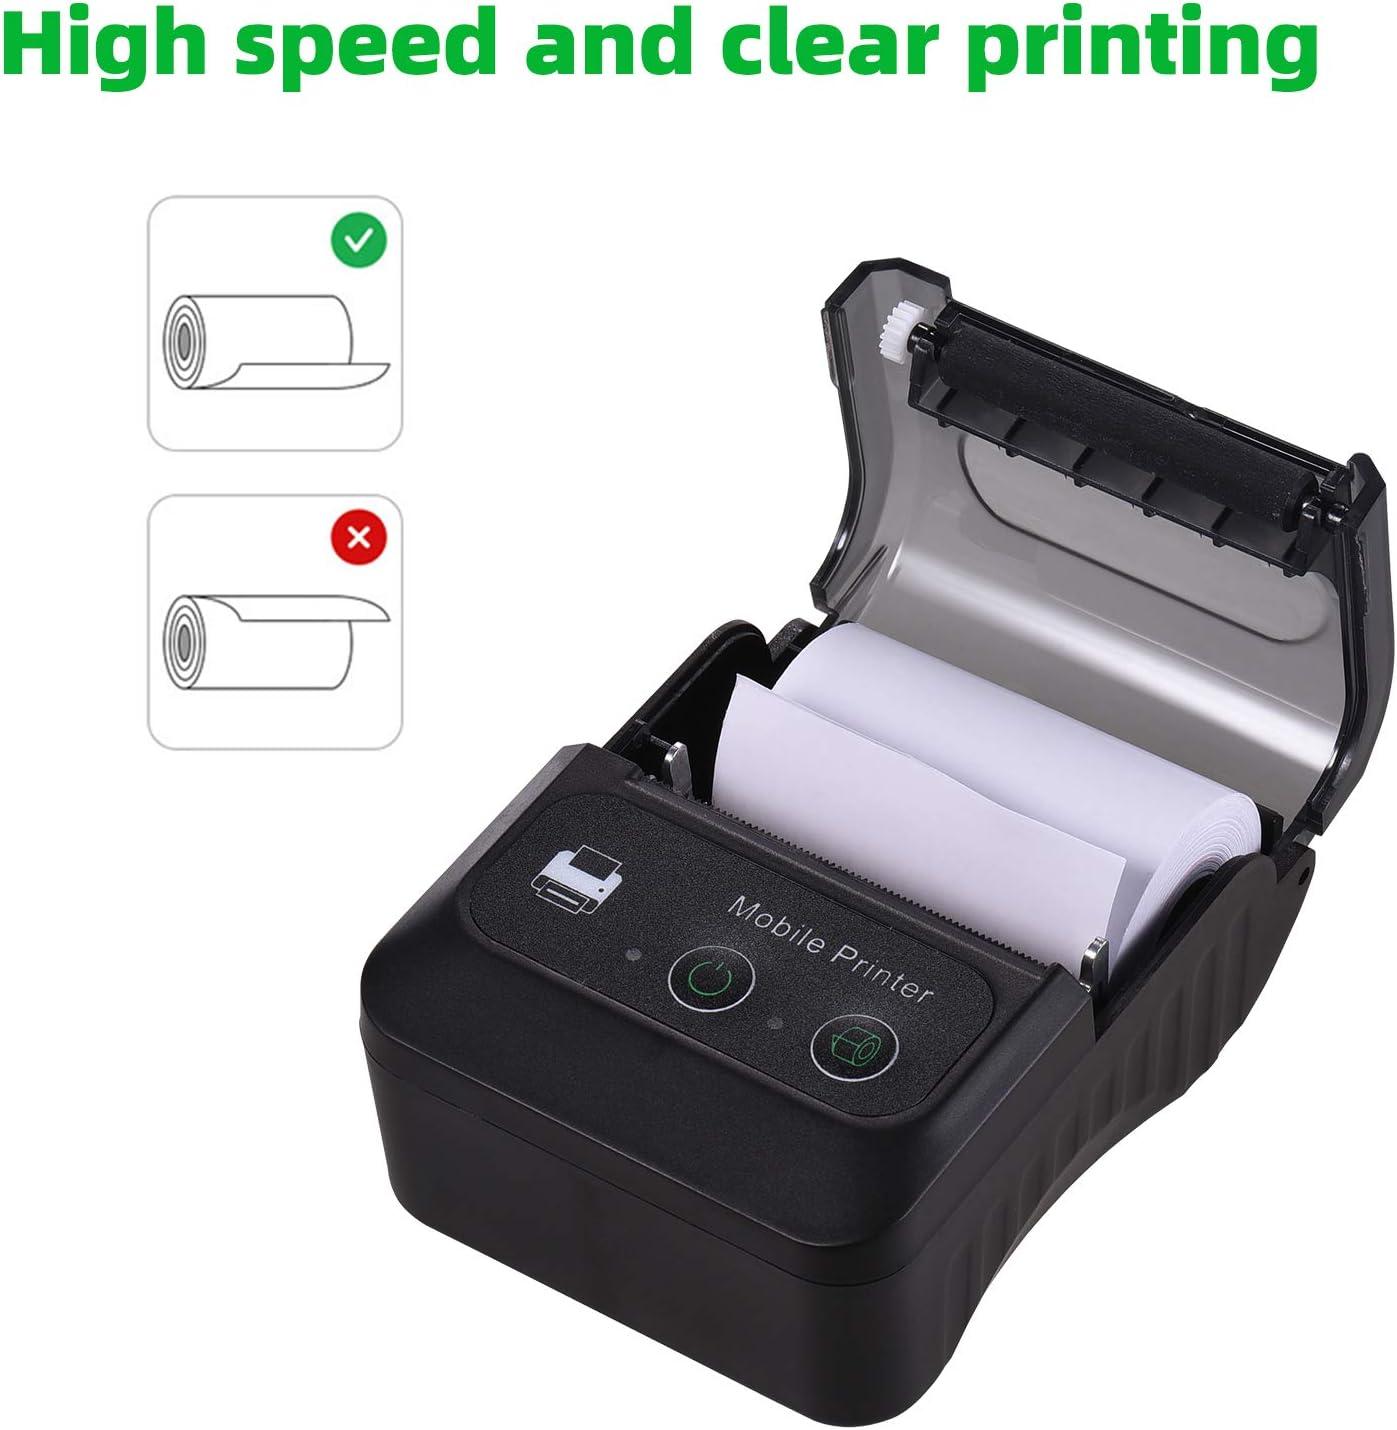 Aibecy Thermodrucker kabellos BT 58 mm USB Bill POS mobiler Drucker unterst/ützt ESC//POS Druckbefehl kompatibel mit Android//iOS//Windows f/ür kleine Gesch/äfte Restaurants Einzelhandelsgesch/äfte